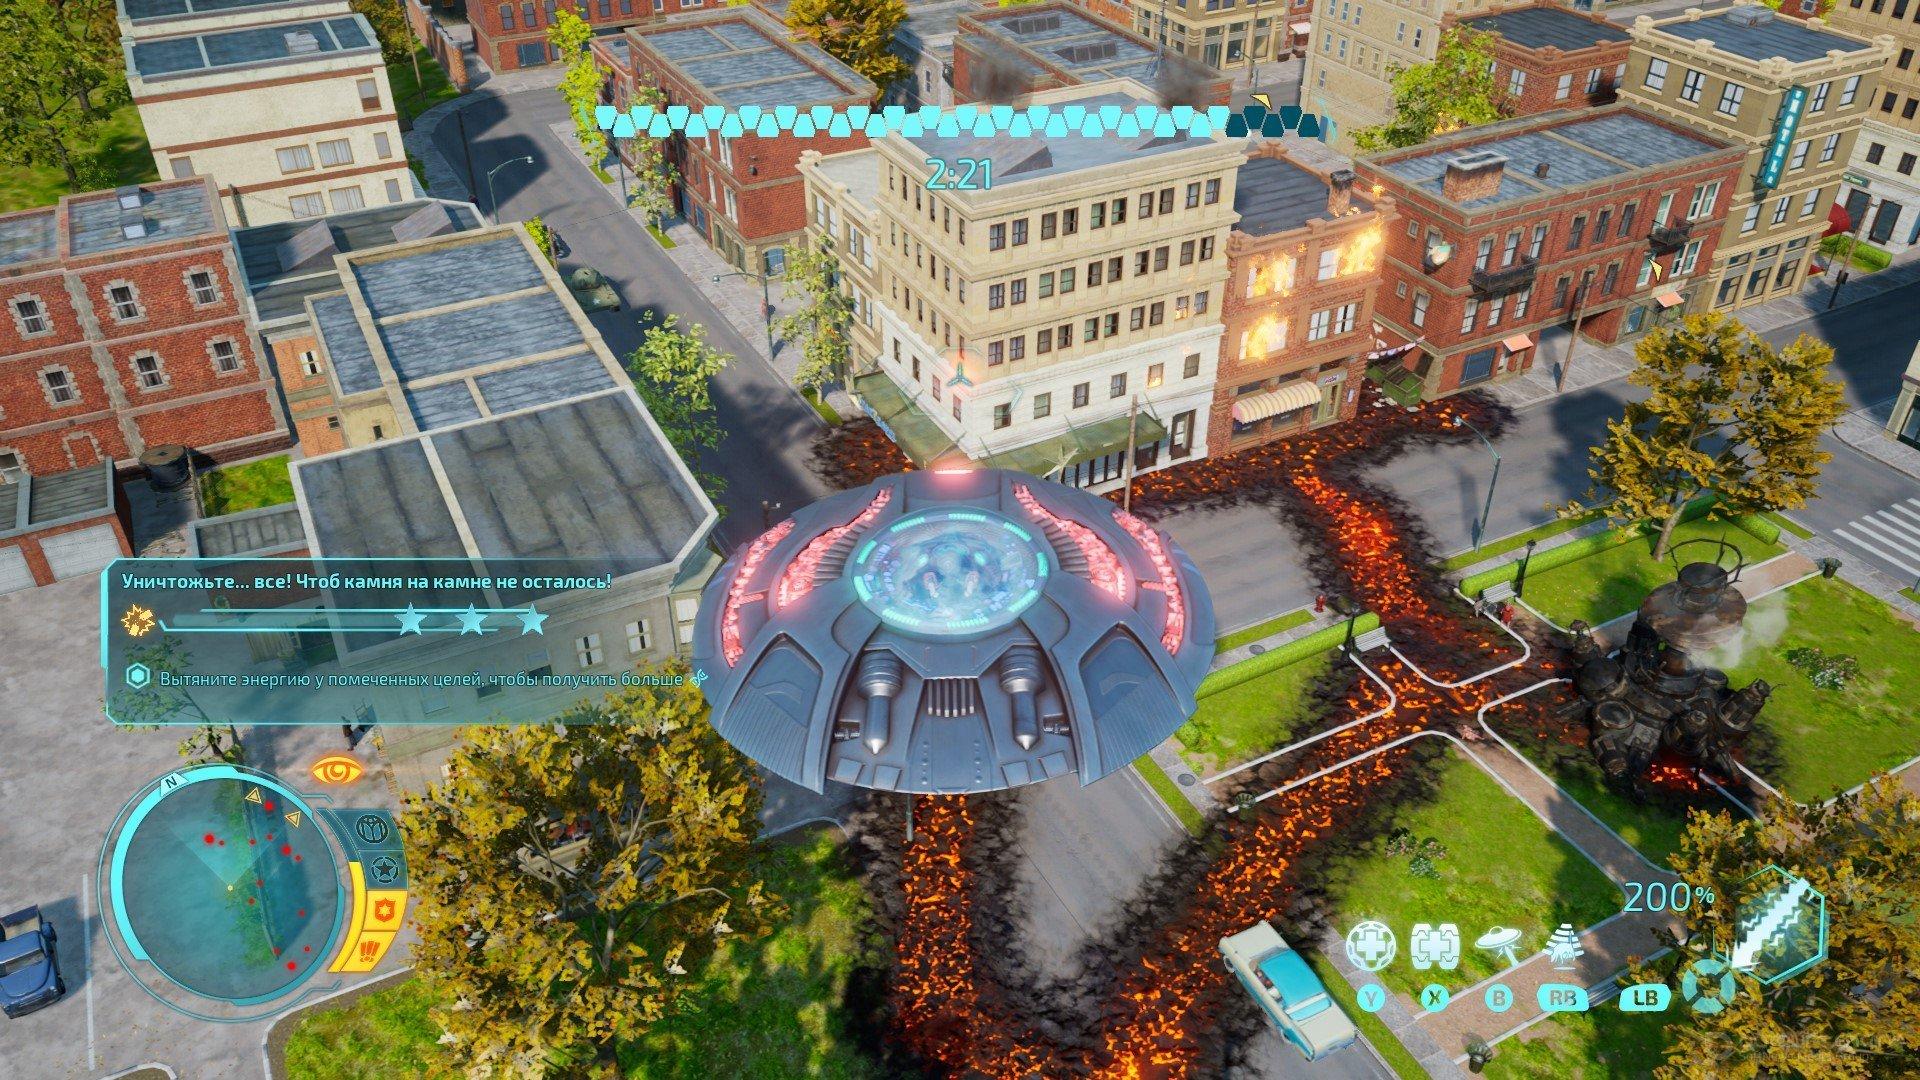 Скриншот к игре Destroy All Humans! v.1.4 [GOG] (2005-2020) скачать торрент Лицензия